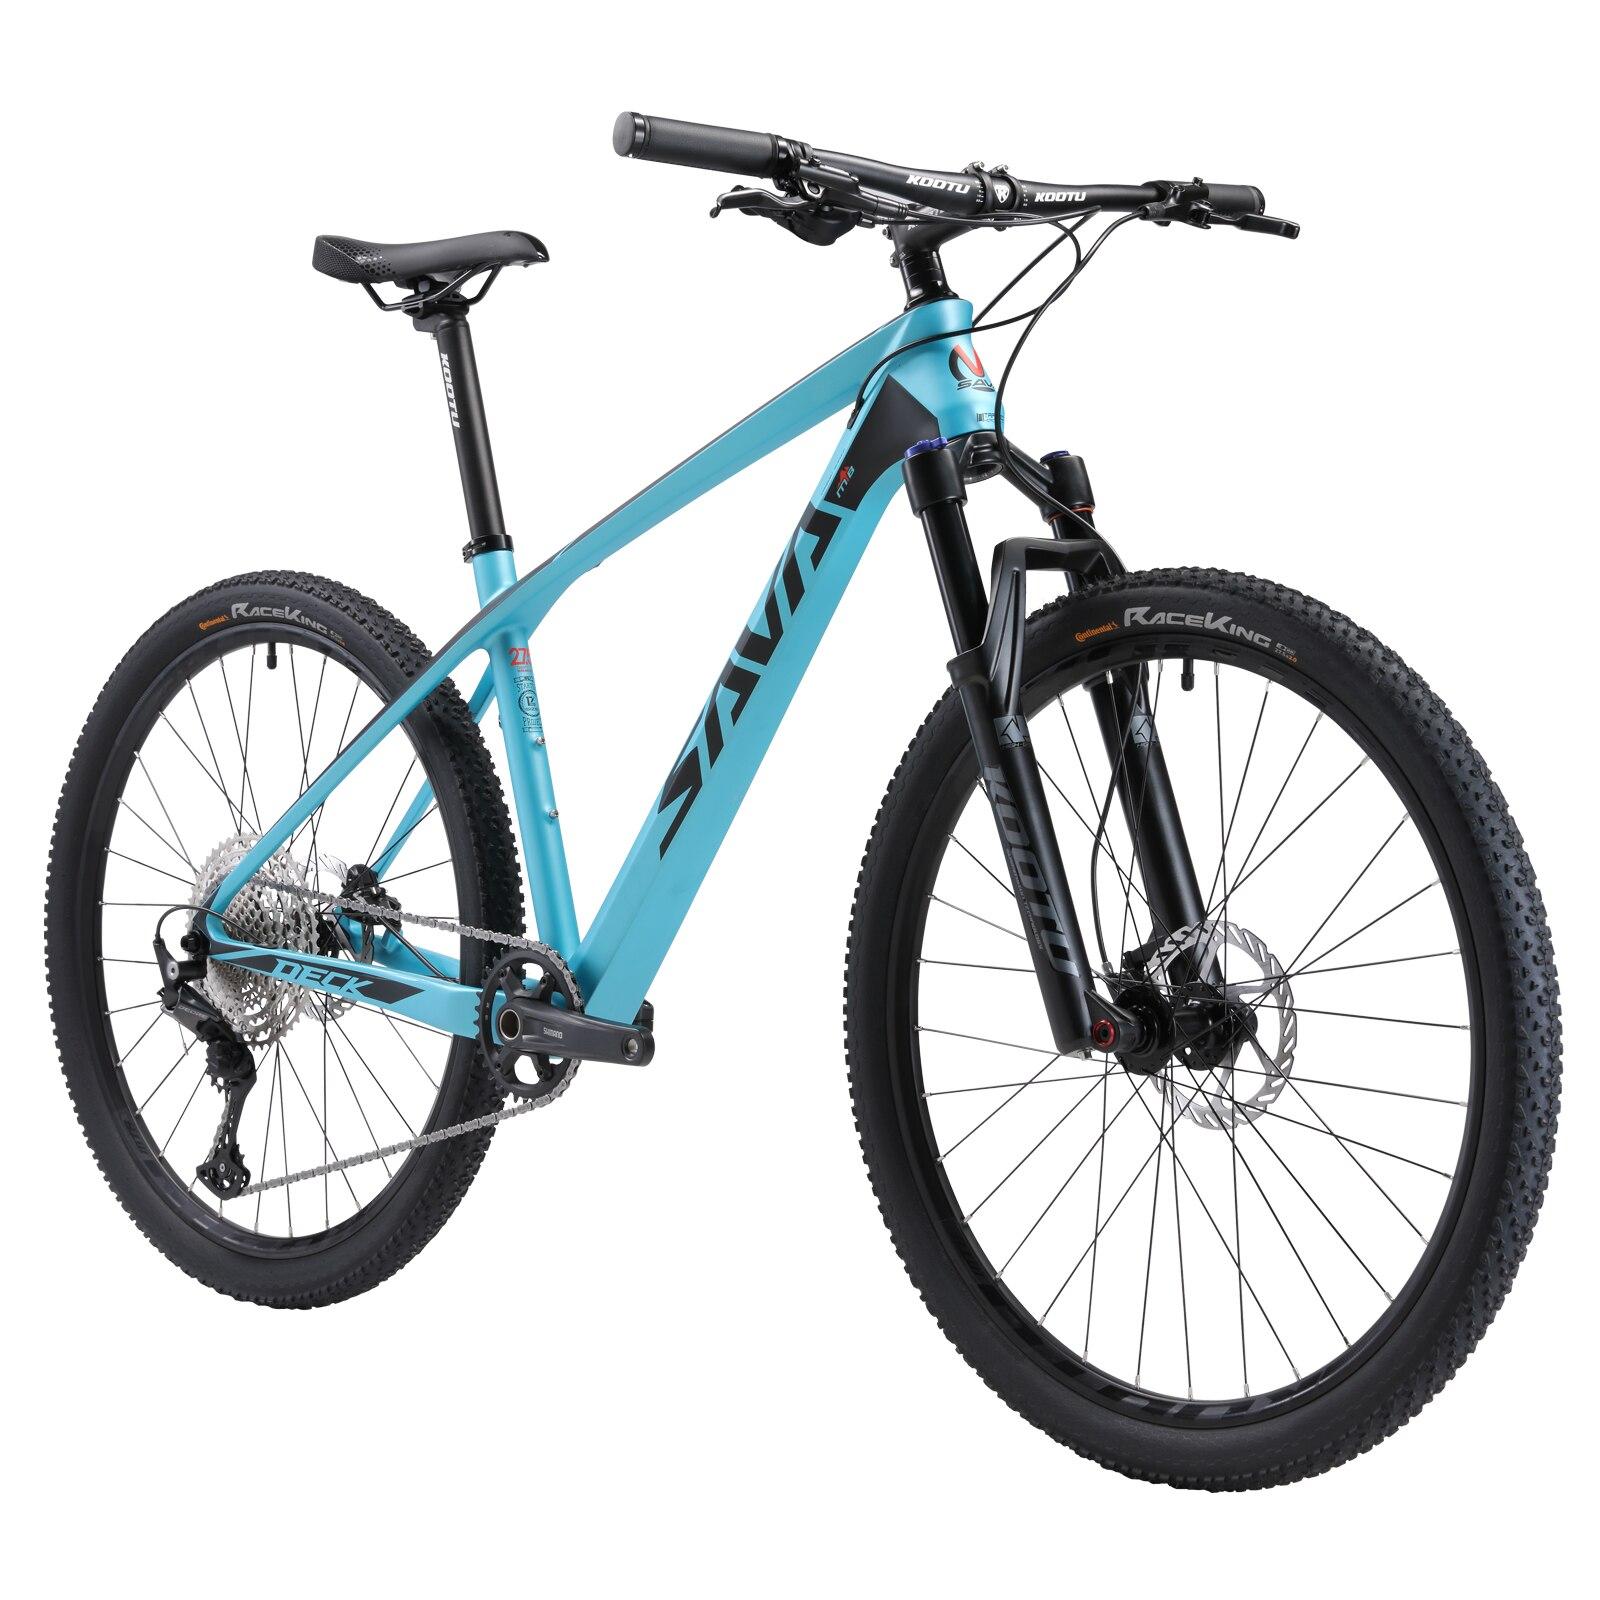 SAVA-Bicicleta de Montaña de 29 pulgadas para adulto, cuadro de bicicleta de carbono, mtb con SHIMANO DEORE M610, 30 velocidades, vtt velo vtt 29